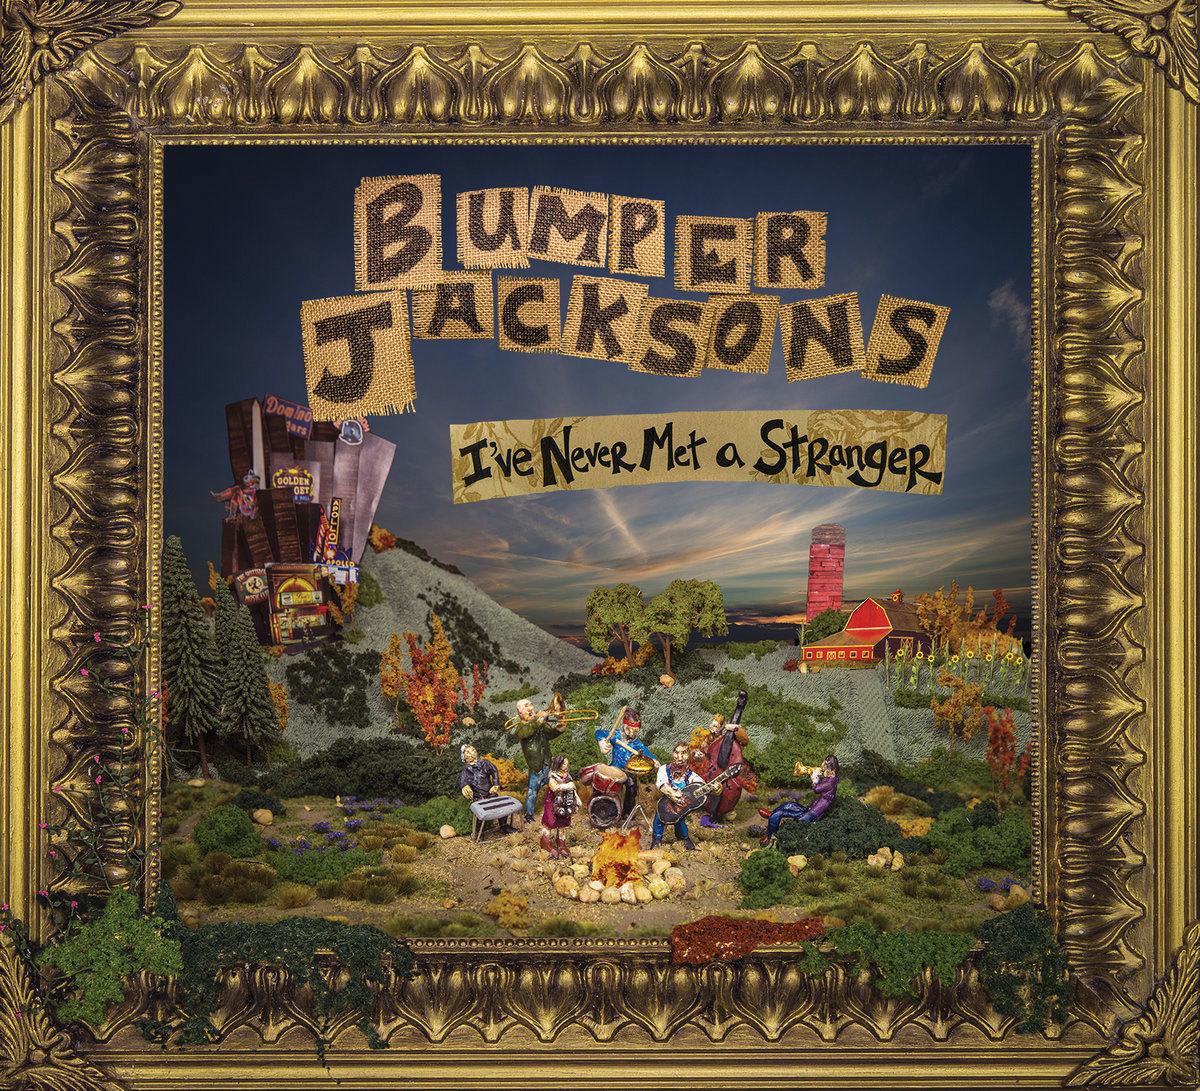 BumperJacksons-Stranger.jpg#asset:47316